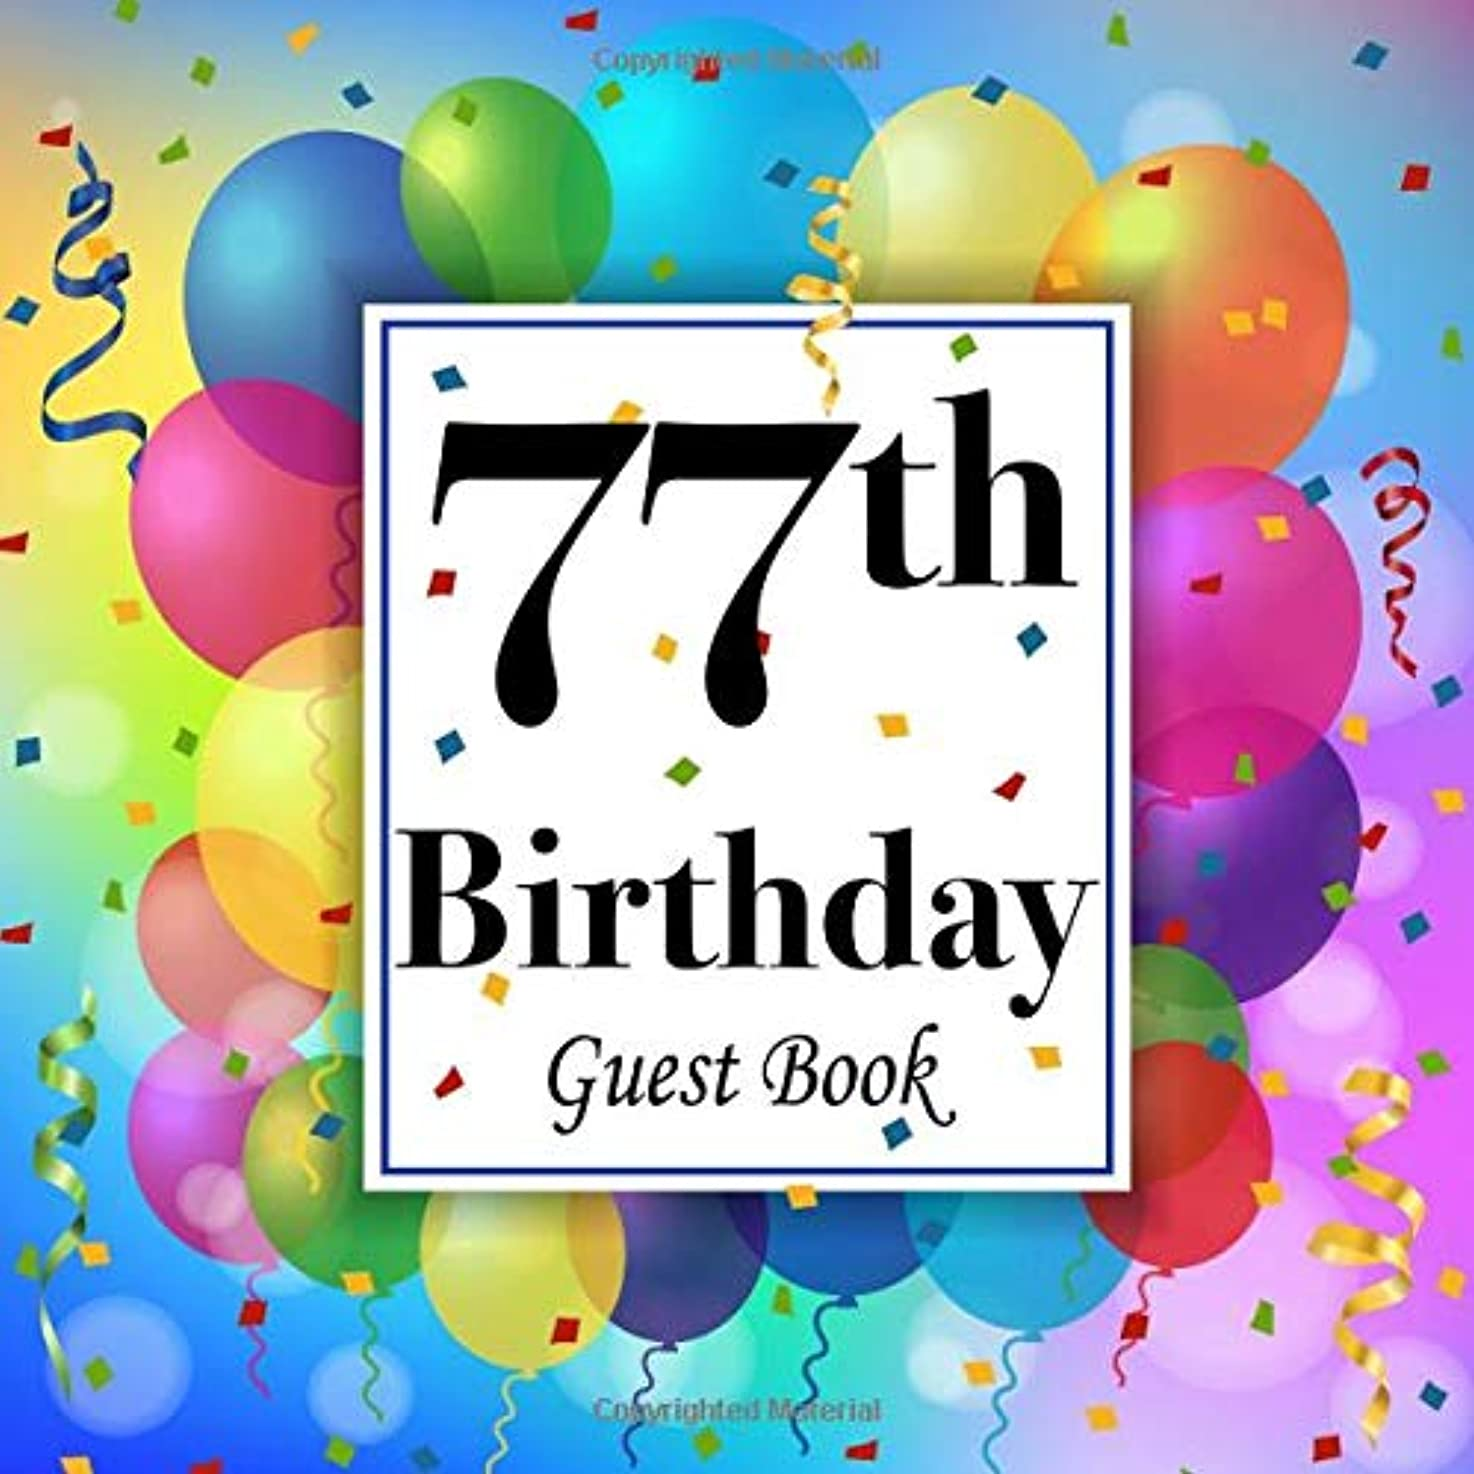 飼料異邦人スペル77th Birthday Guest Book: Party Celebration Keepsake Memory Book For Family & Friends to write best wishes, messages, sign in, guest address & gift log